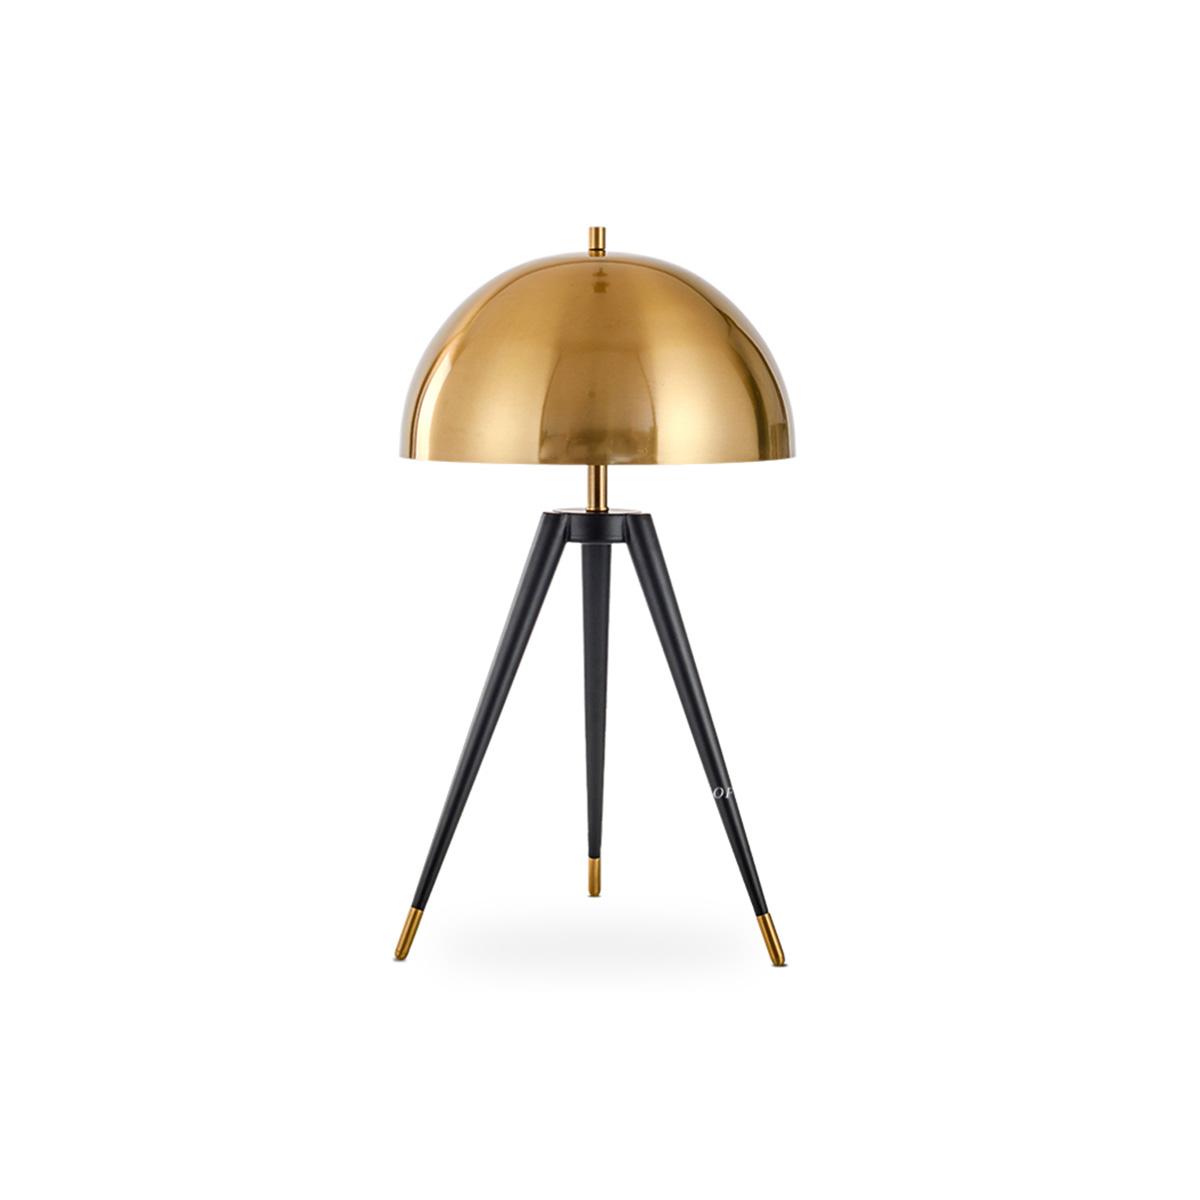 Stona lampa 1.0176- SL500